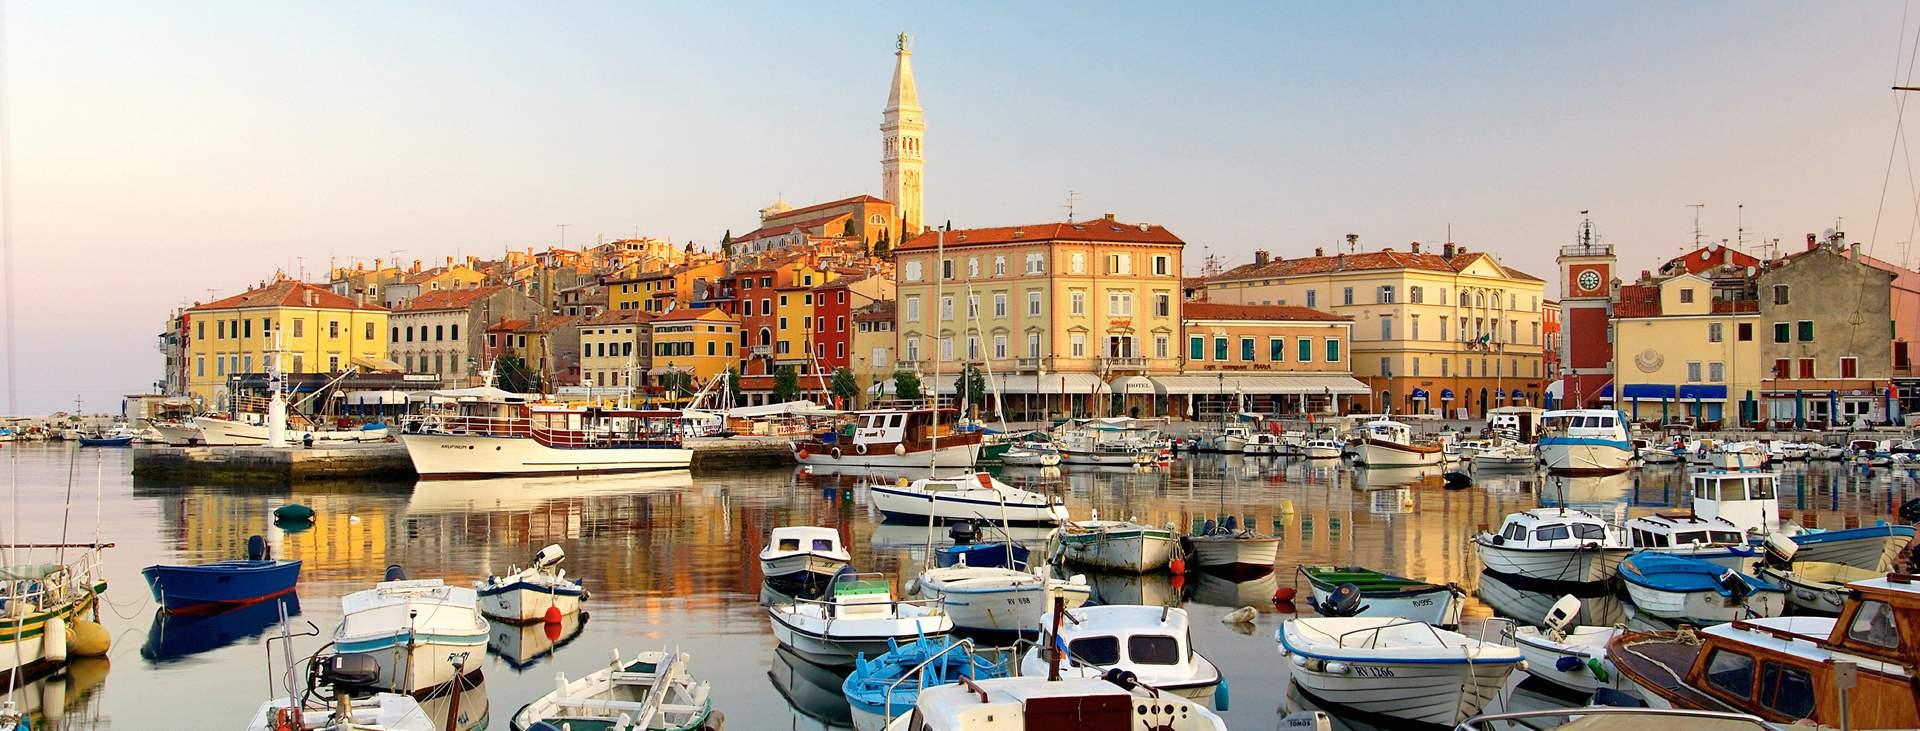 Reiser til Rovinj på Istria i Kroatia